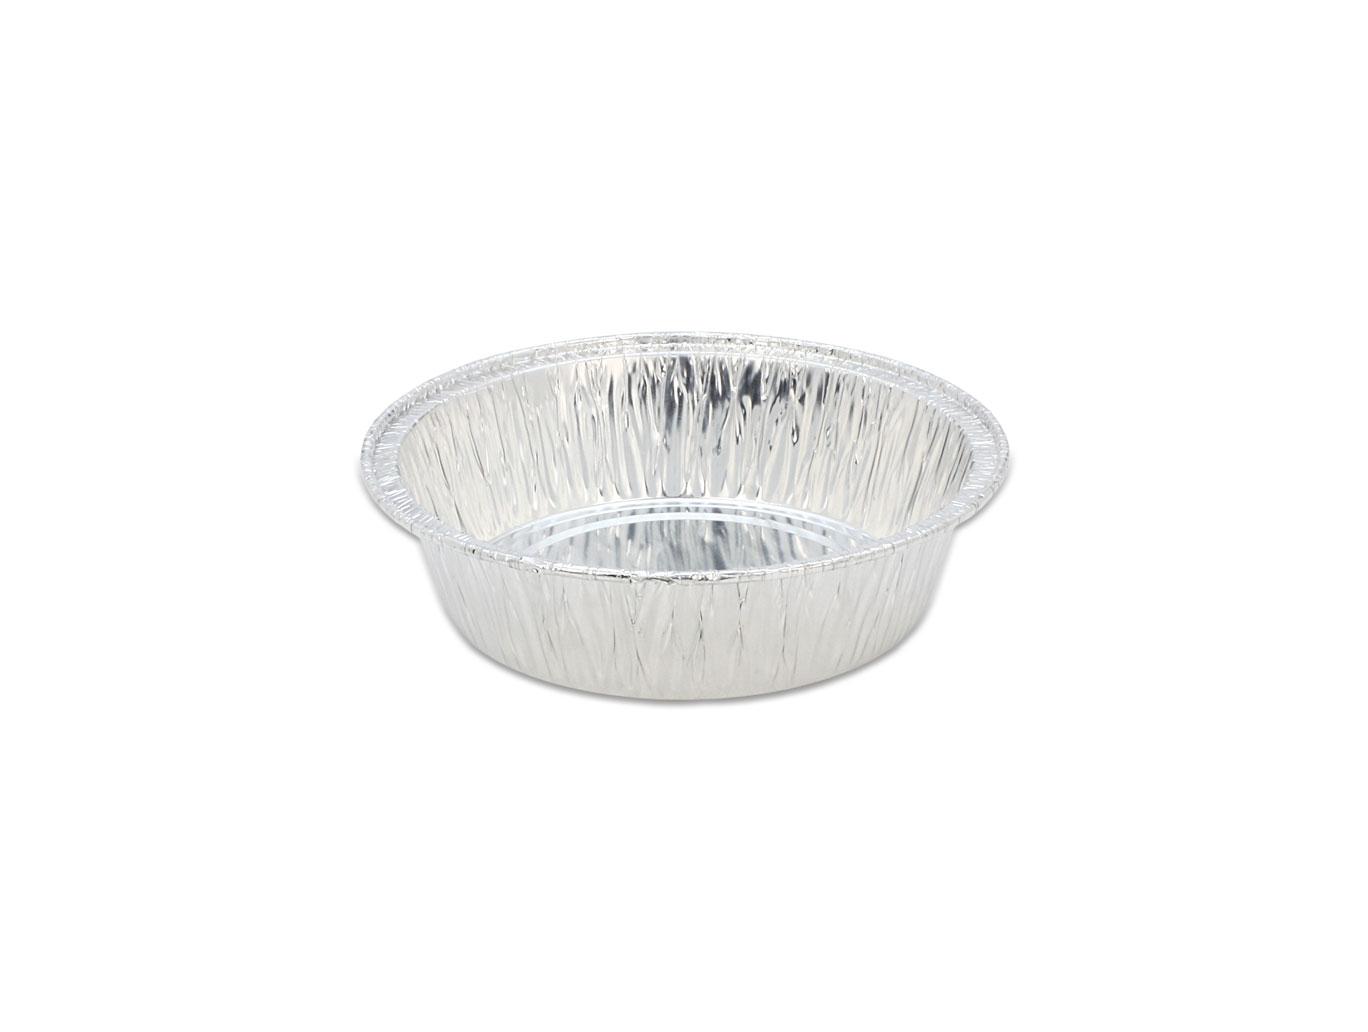 鋁箔容器、錫箔、烤模、 4吋蛋糕模、圓形 426 (100pcs/包)(透明蓋)